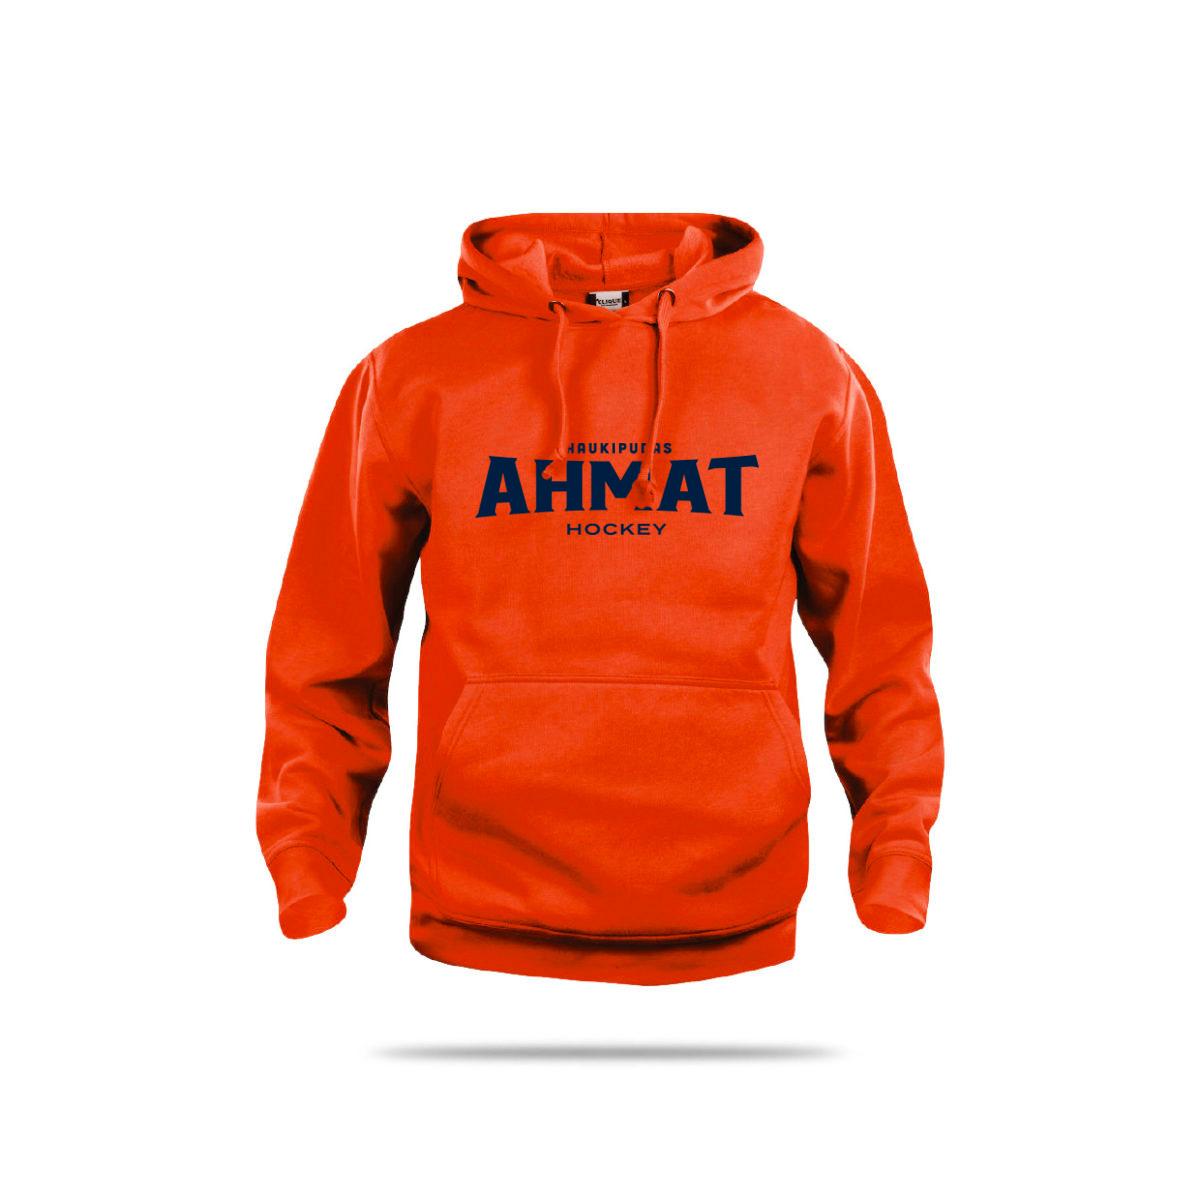 Ahmat-fani-3022-oranssi-text